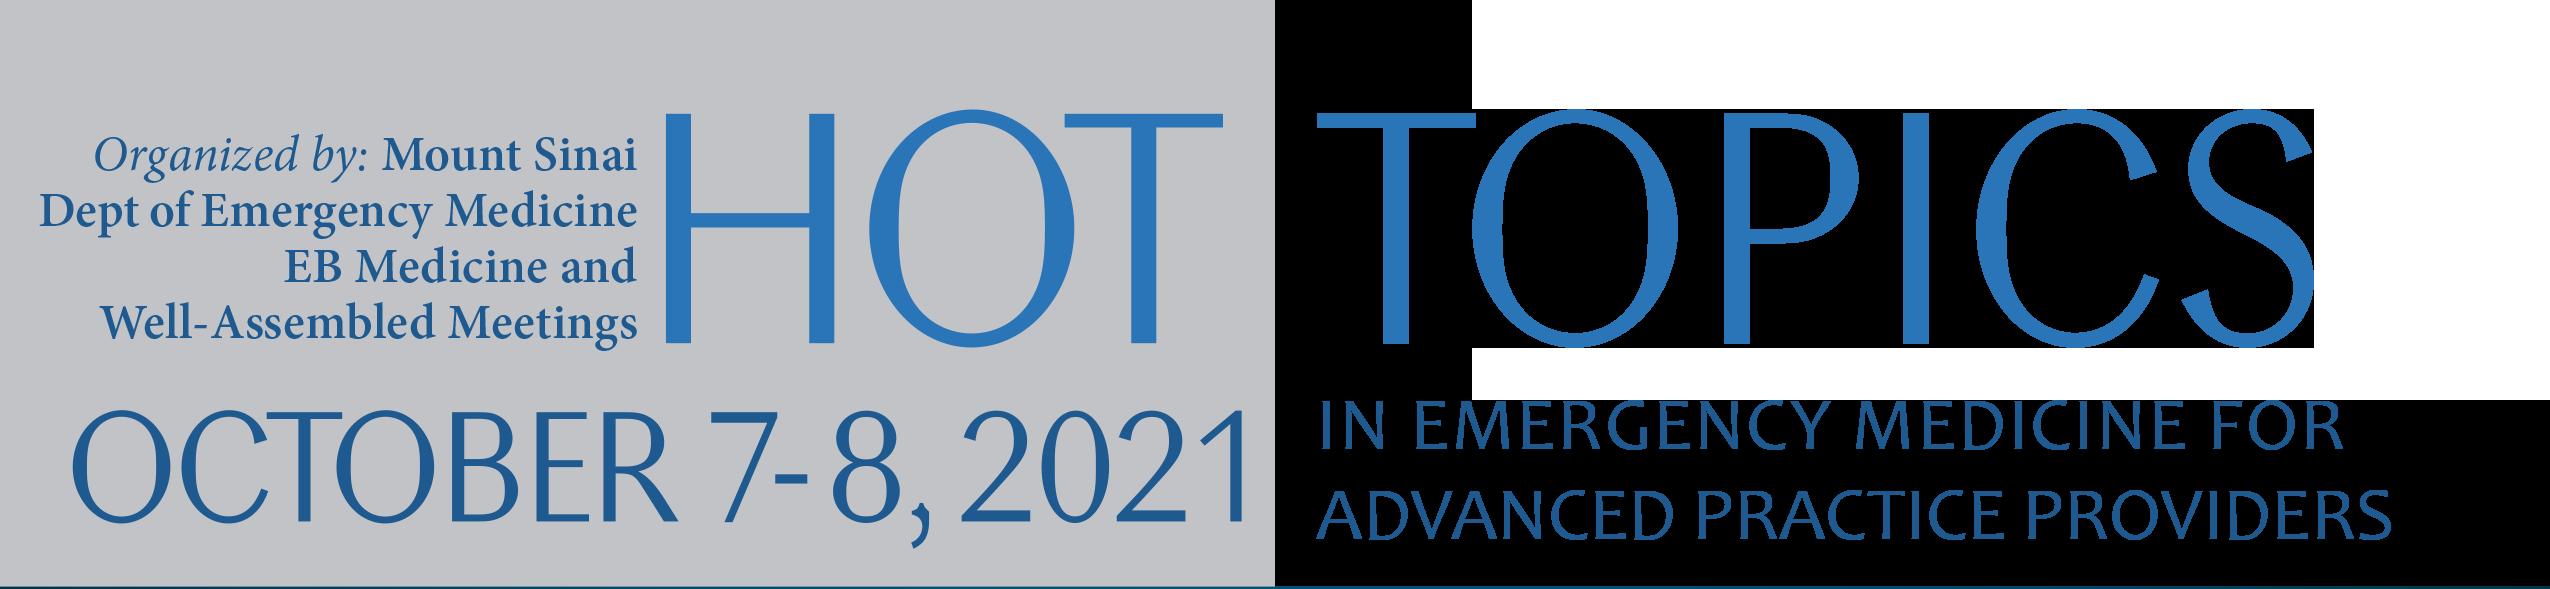 HOT TOPICS 2021 header